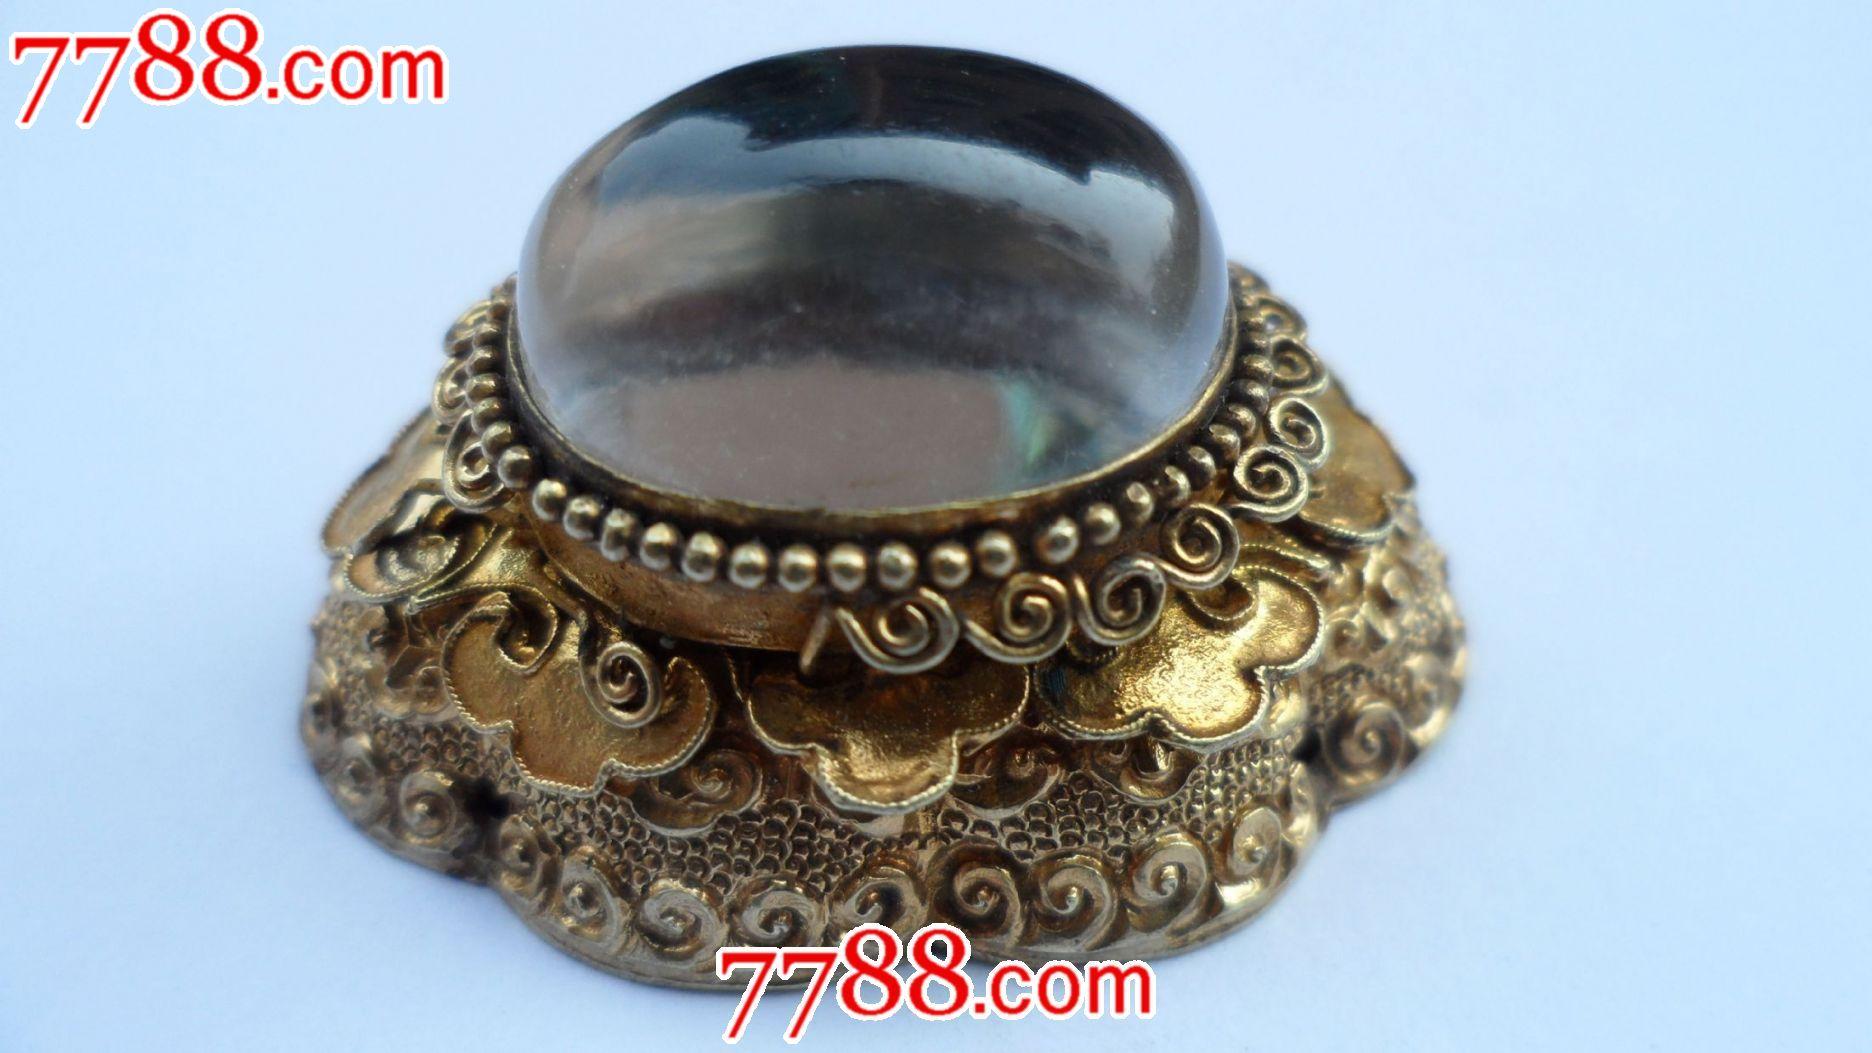 清朝银鎏金吉祥云水晶石官帽饰品,底座有印章